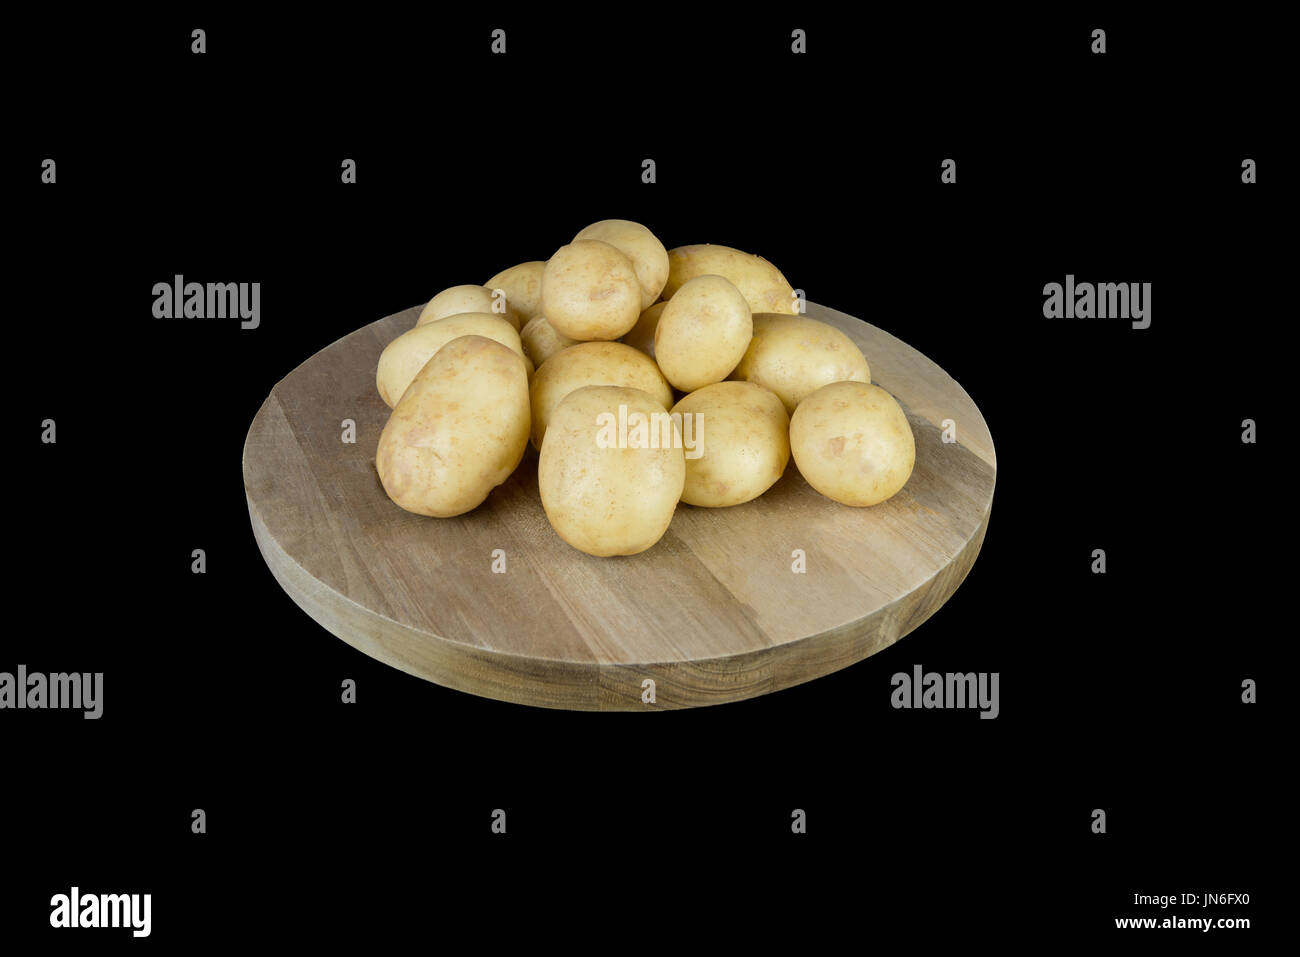 Eine Pyramide aus Ayrshire Frühkartoffeln direkt aus der Beitragszahler Garten und gereinigt und gestapelt auf einem Holzbrett, die dann auf einem schwarzen isoliert ist Stockbild